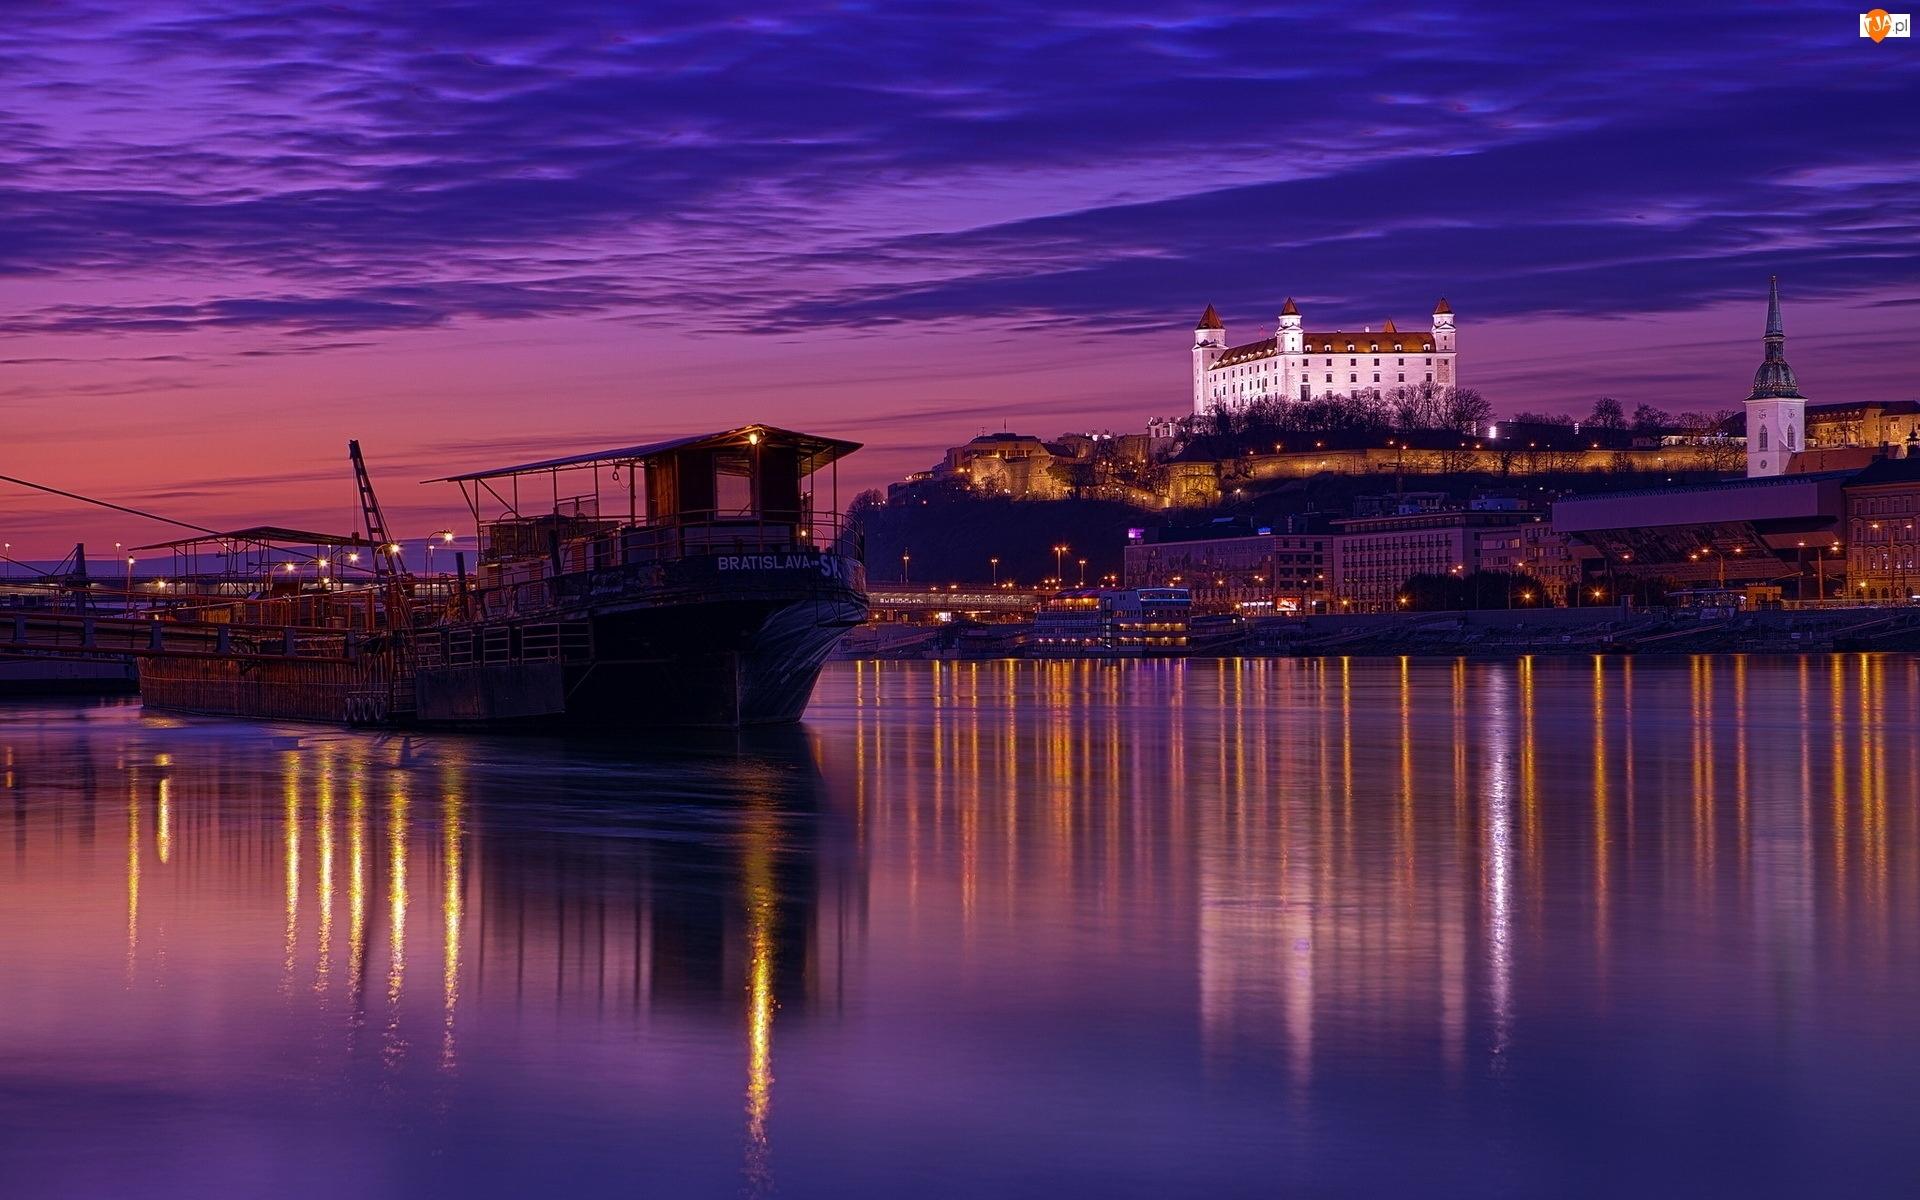 Zmierzch, Zamek, Barka, Rzeka